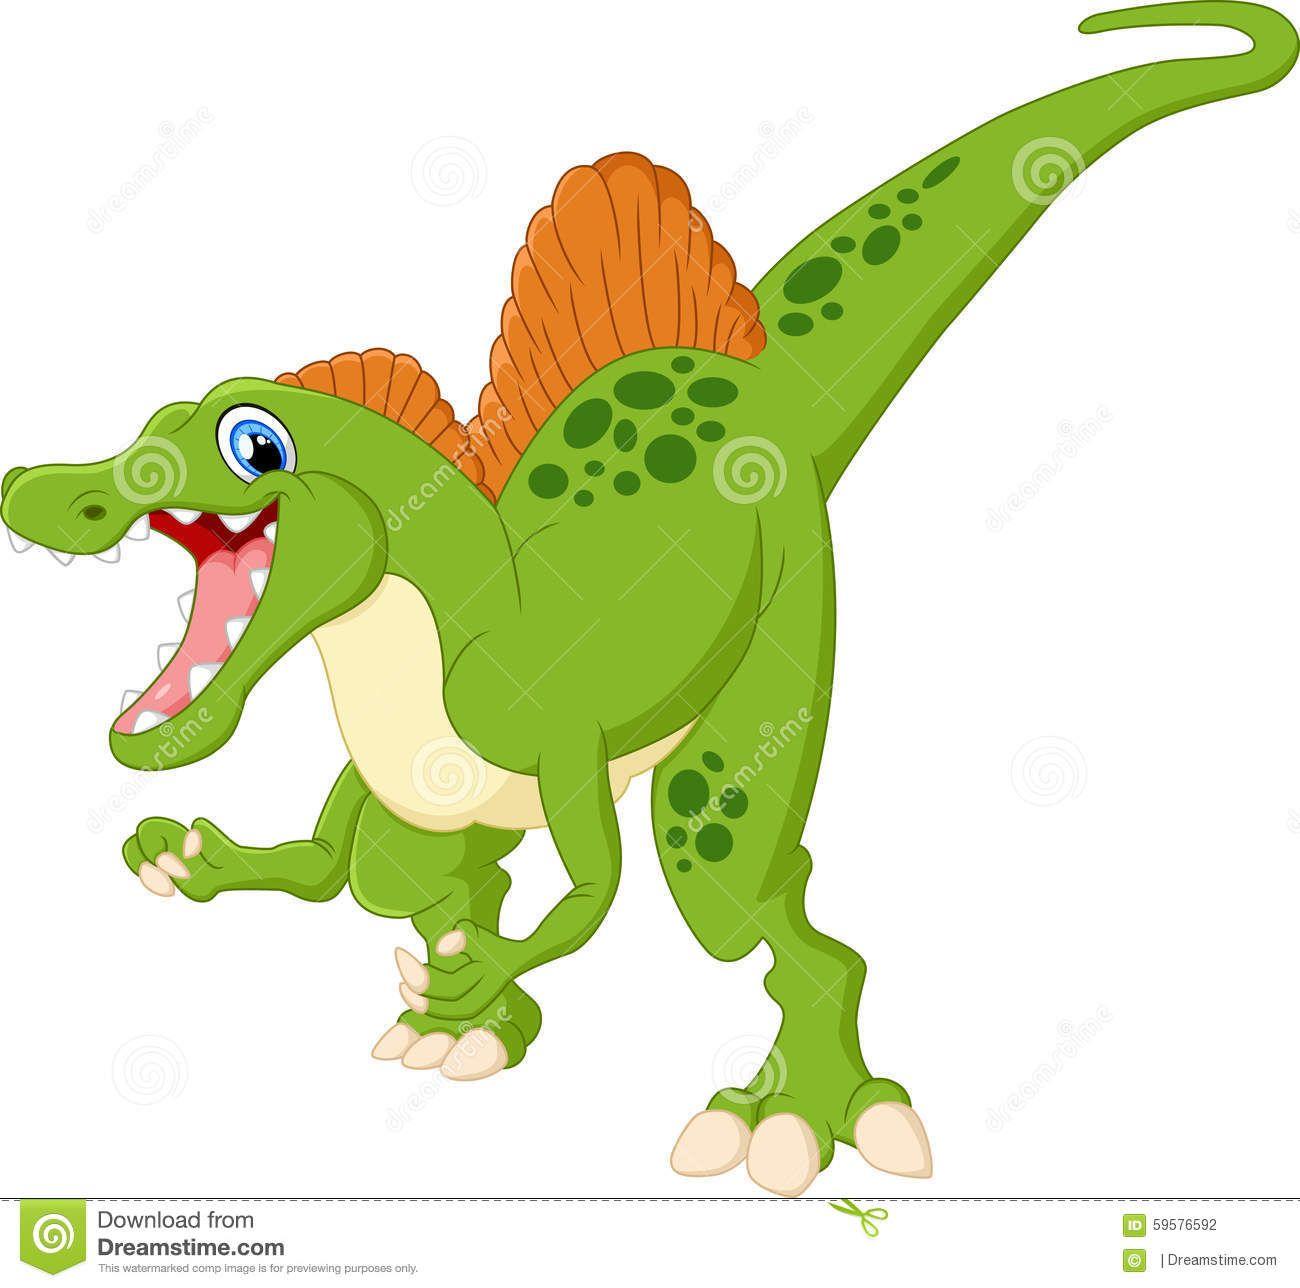 Dinosaur Spinosaurus Cartoon Illustration Stock Vector.